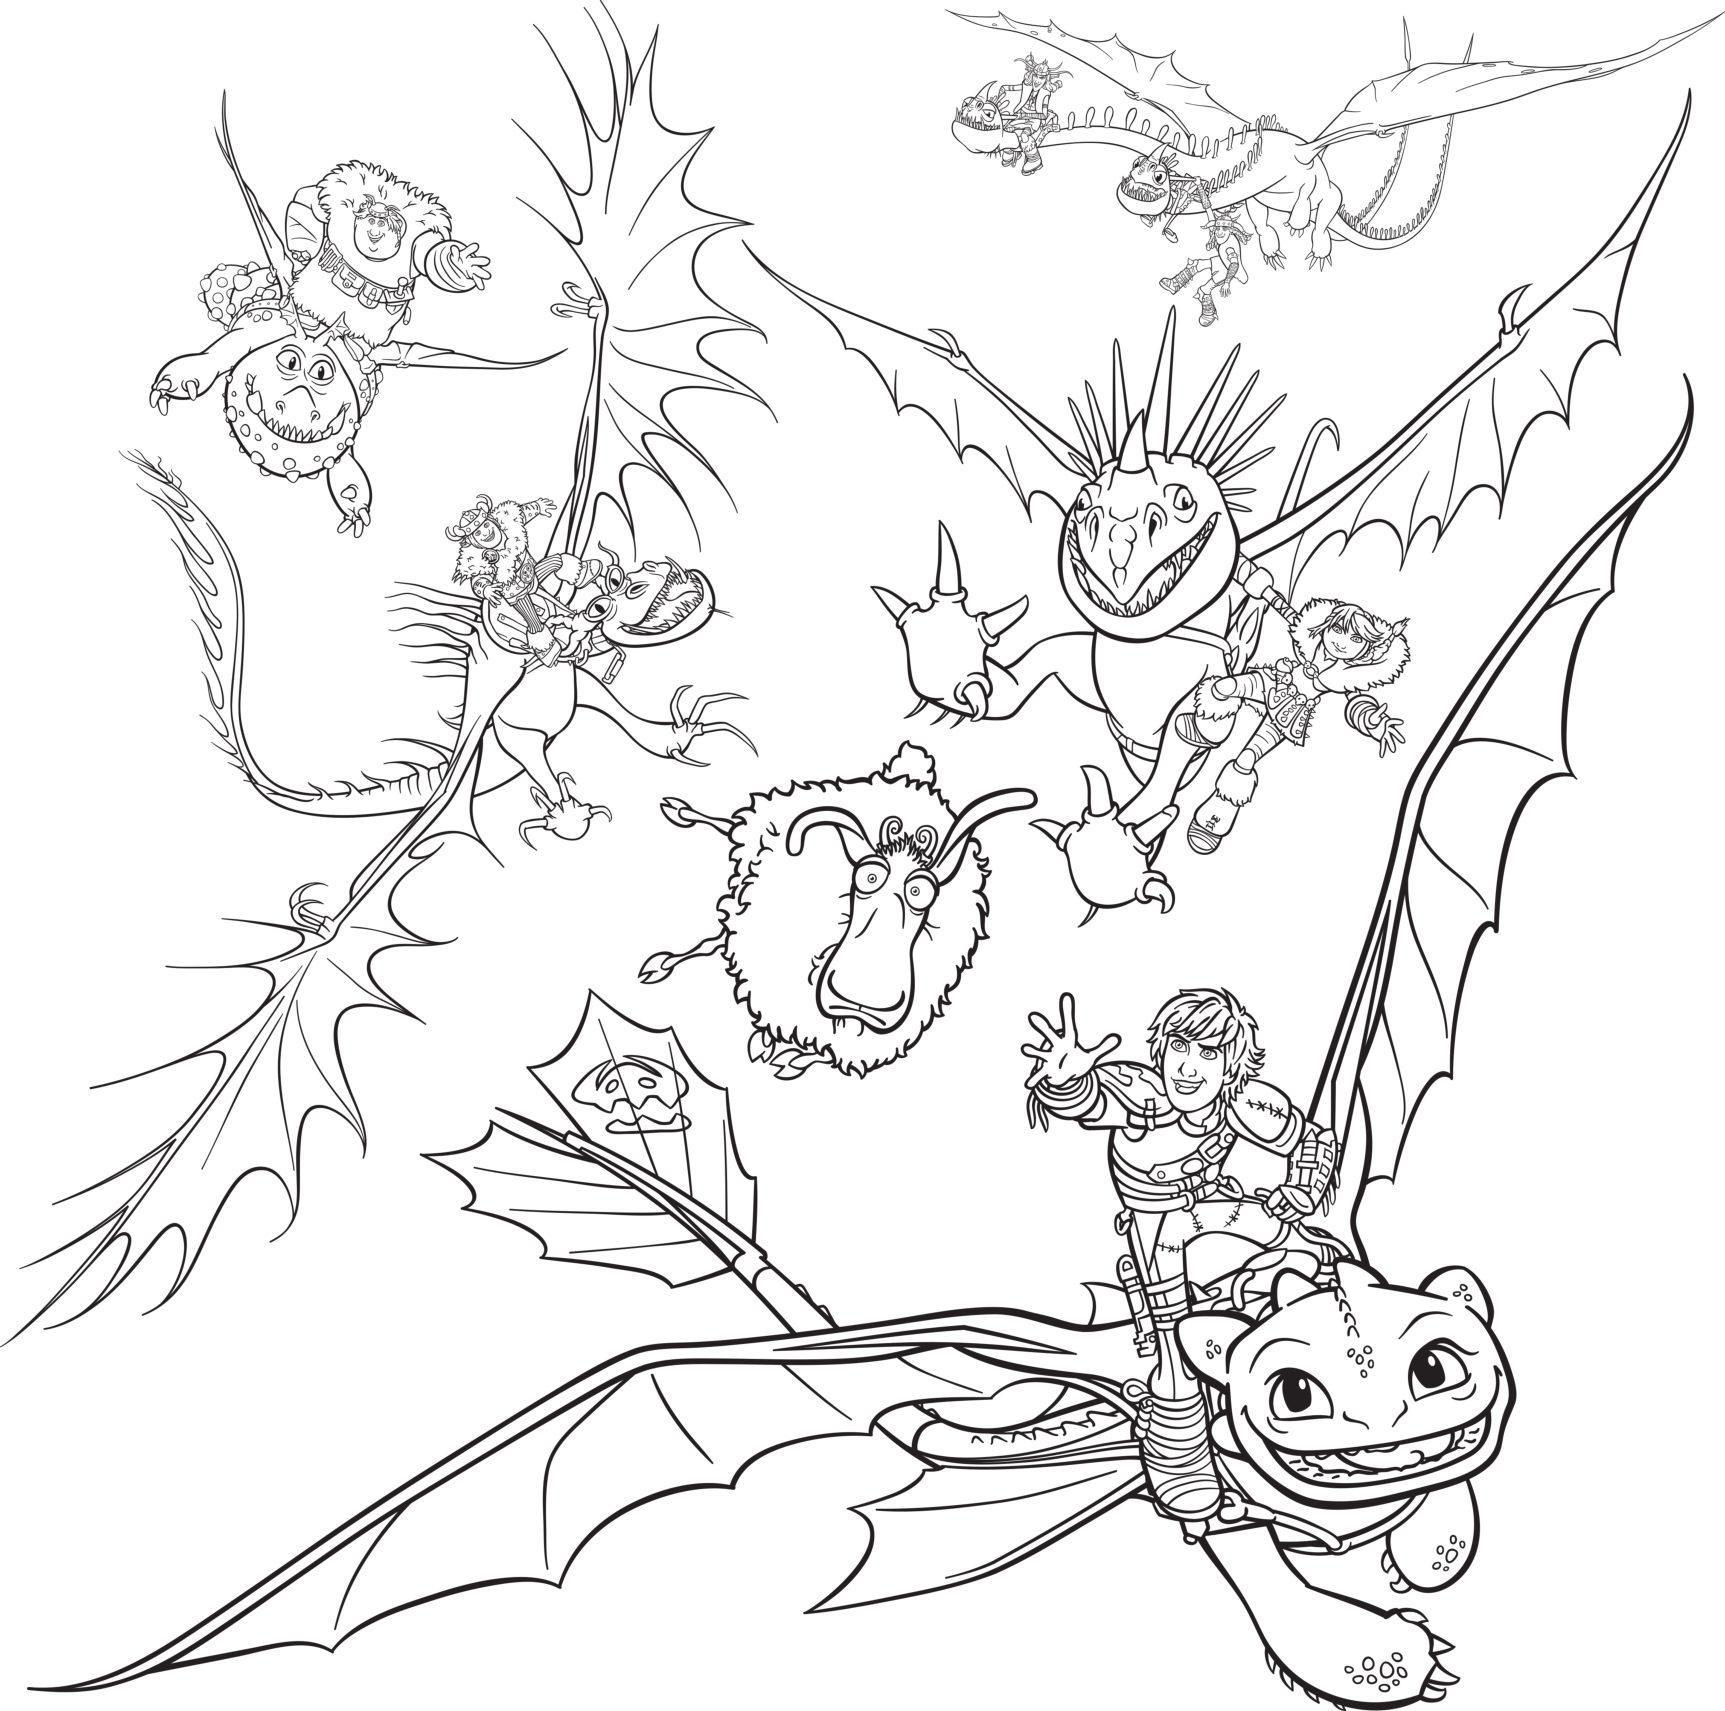 Ausmalbilder Dragons Ohnezahn  Malvorlage Drachen Ohnezahn Ausmalbilder von Ohnezahn